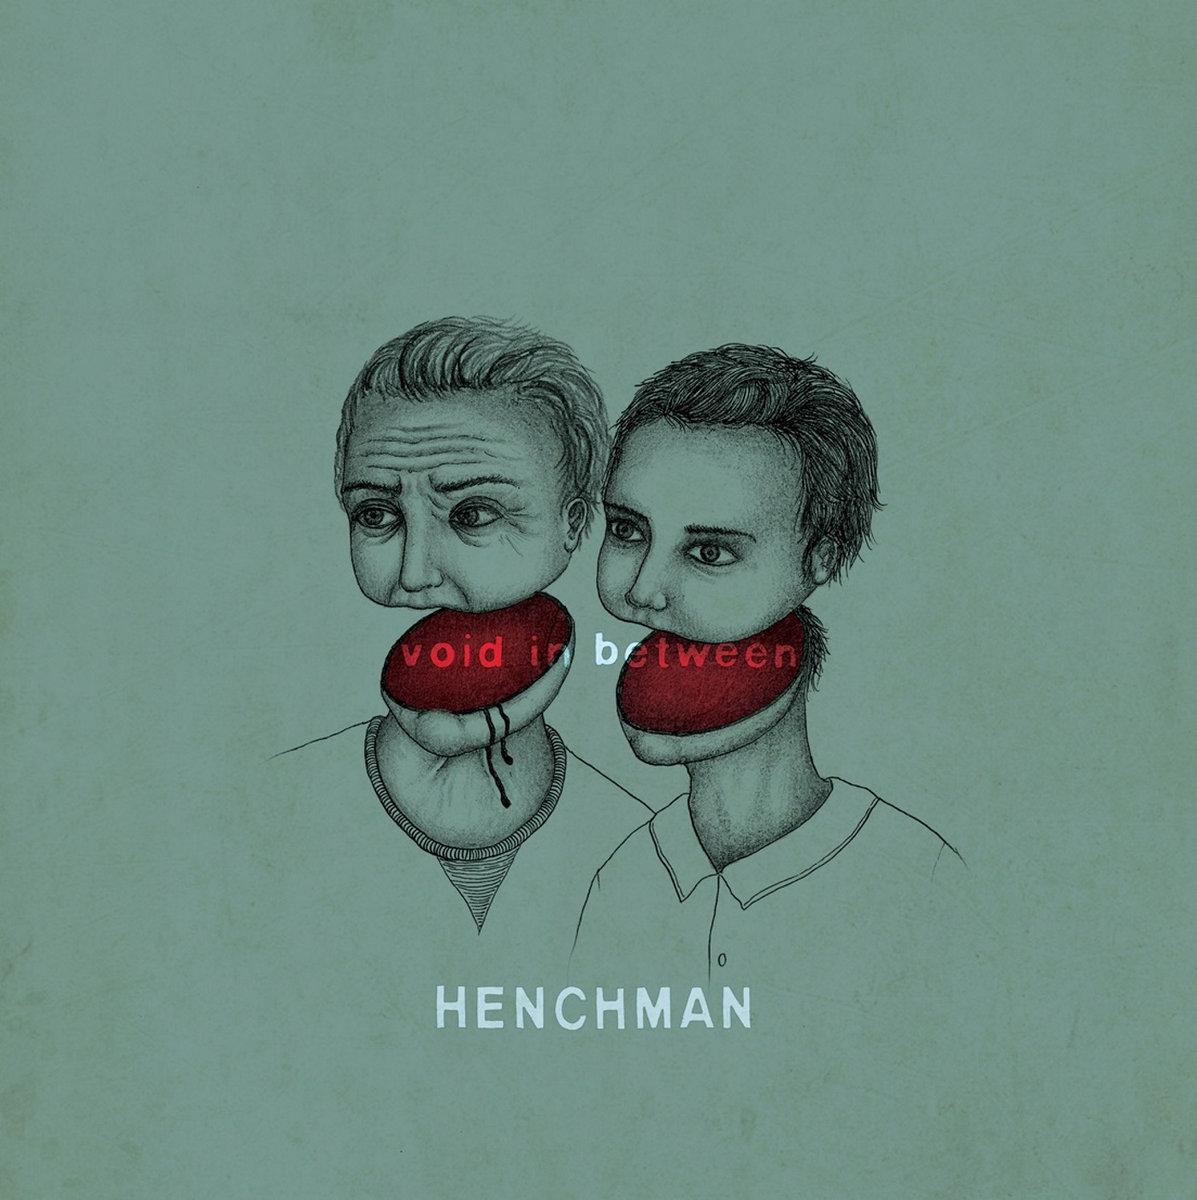 HENCHMAN - Void In Between